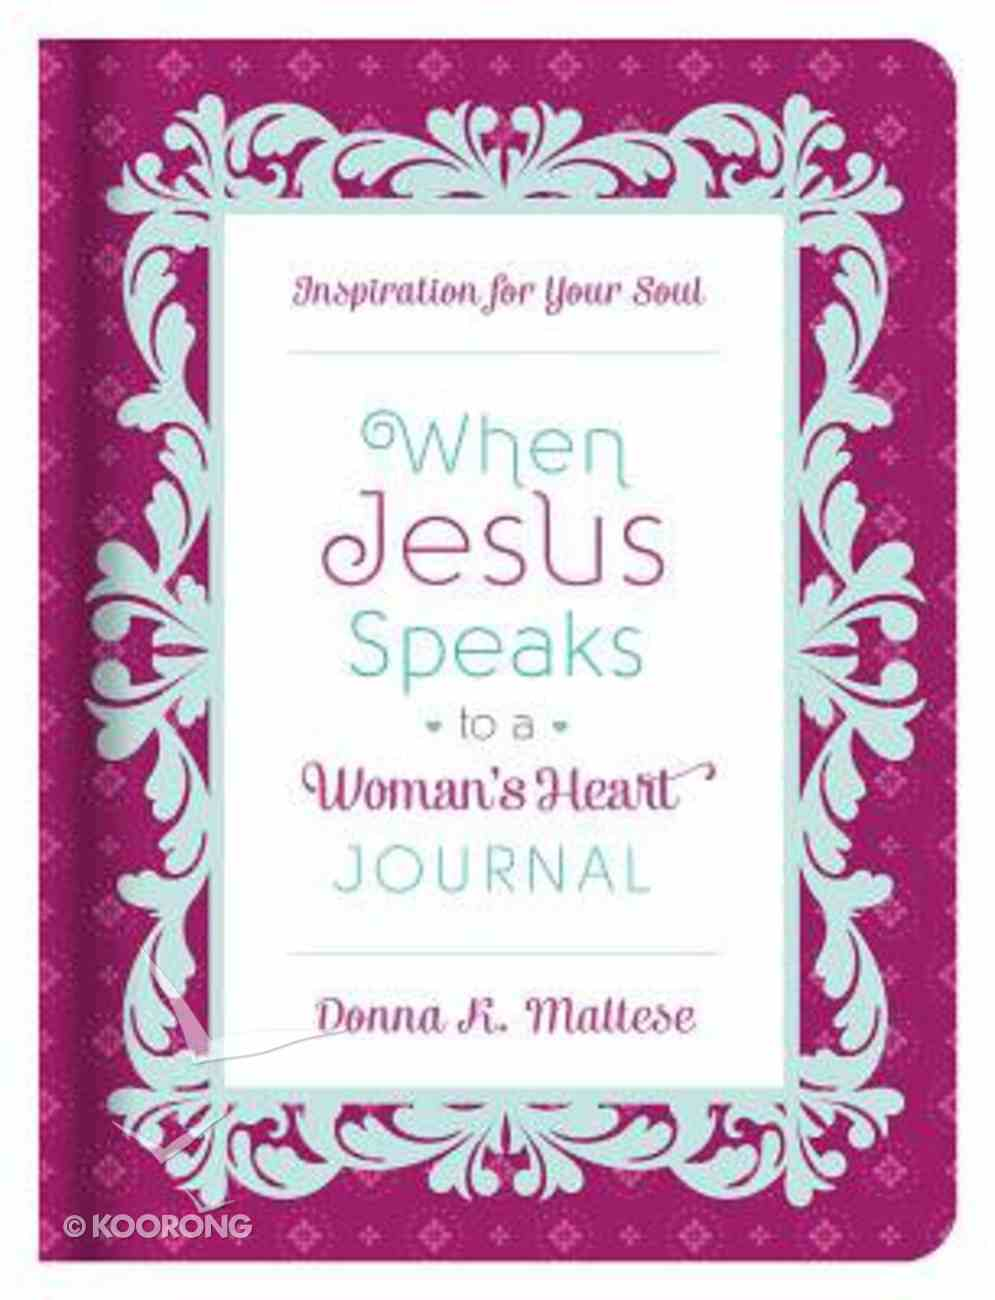 When Jesus Speaks to a Woman's Heart Journal Hardback